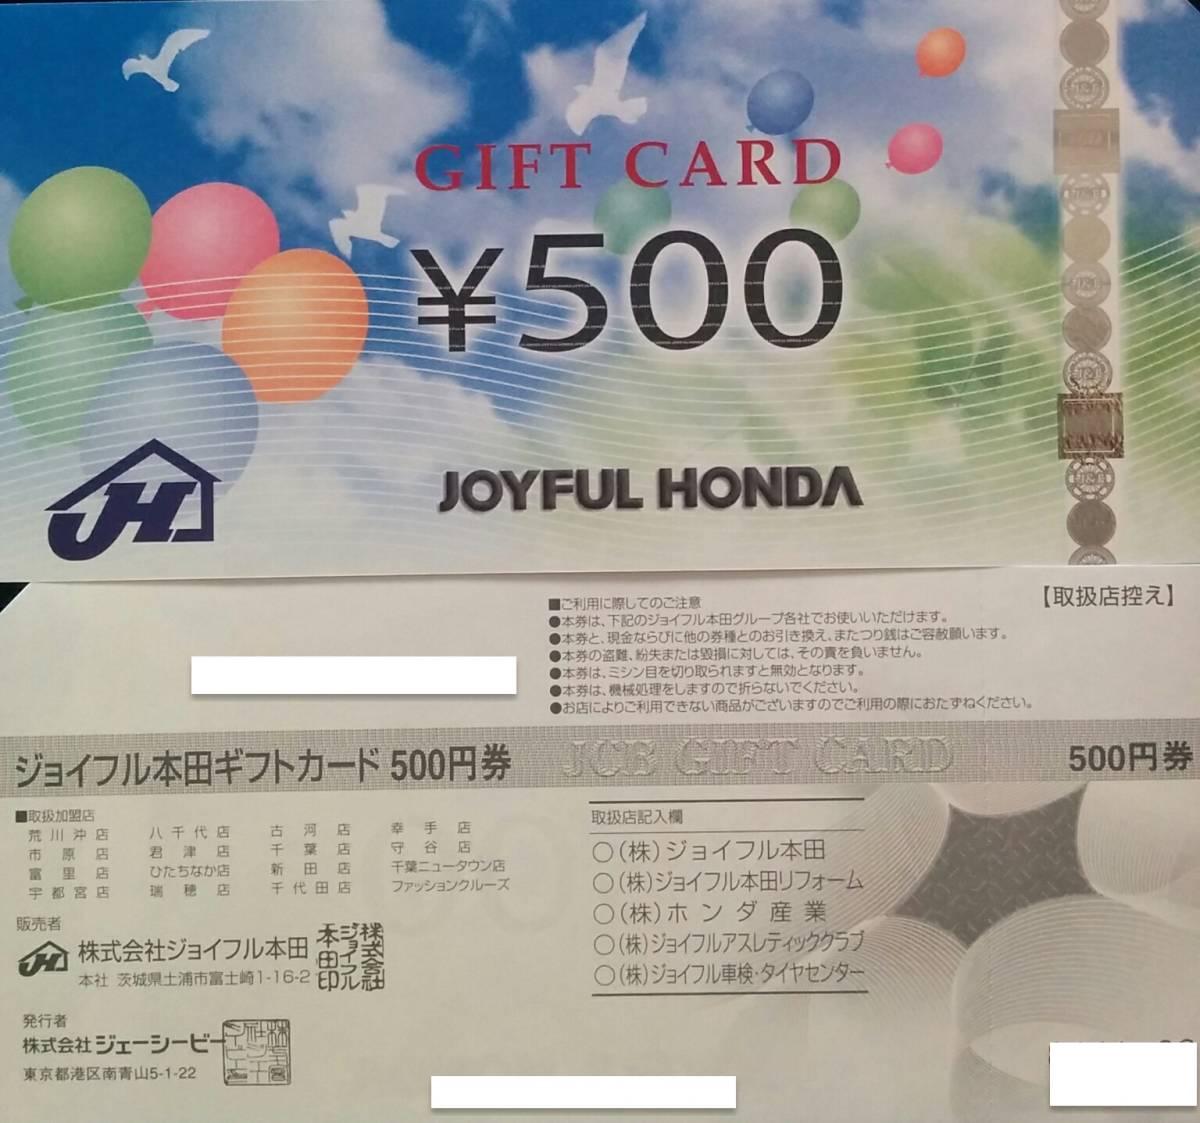 ジョイフル本田ギフトカード 500円×32枚(16,000円分)